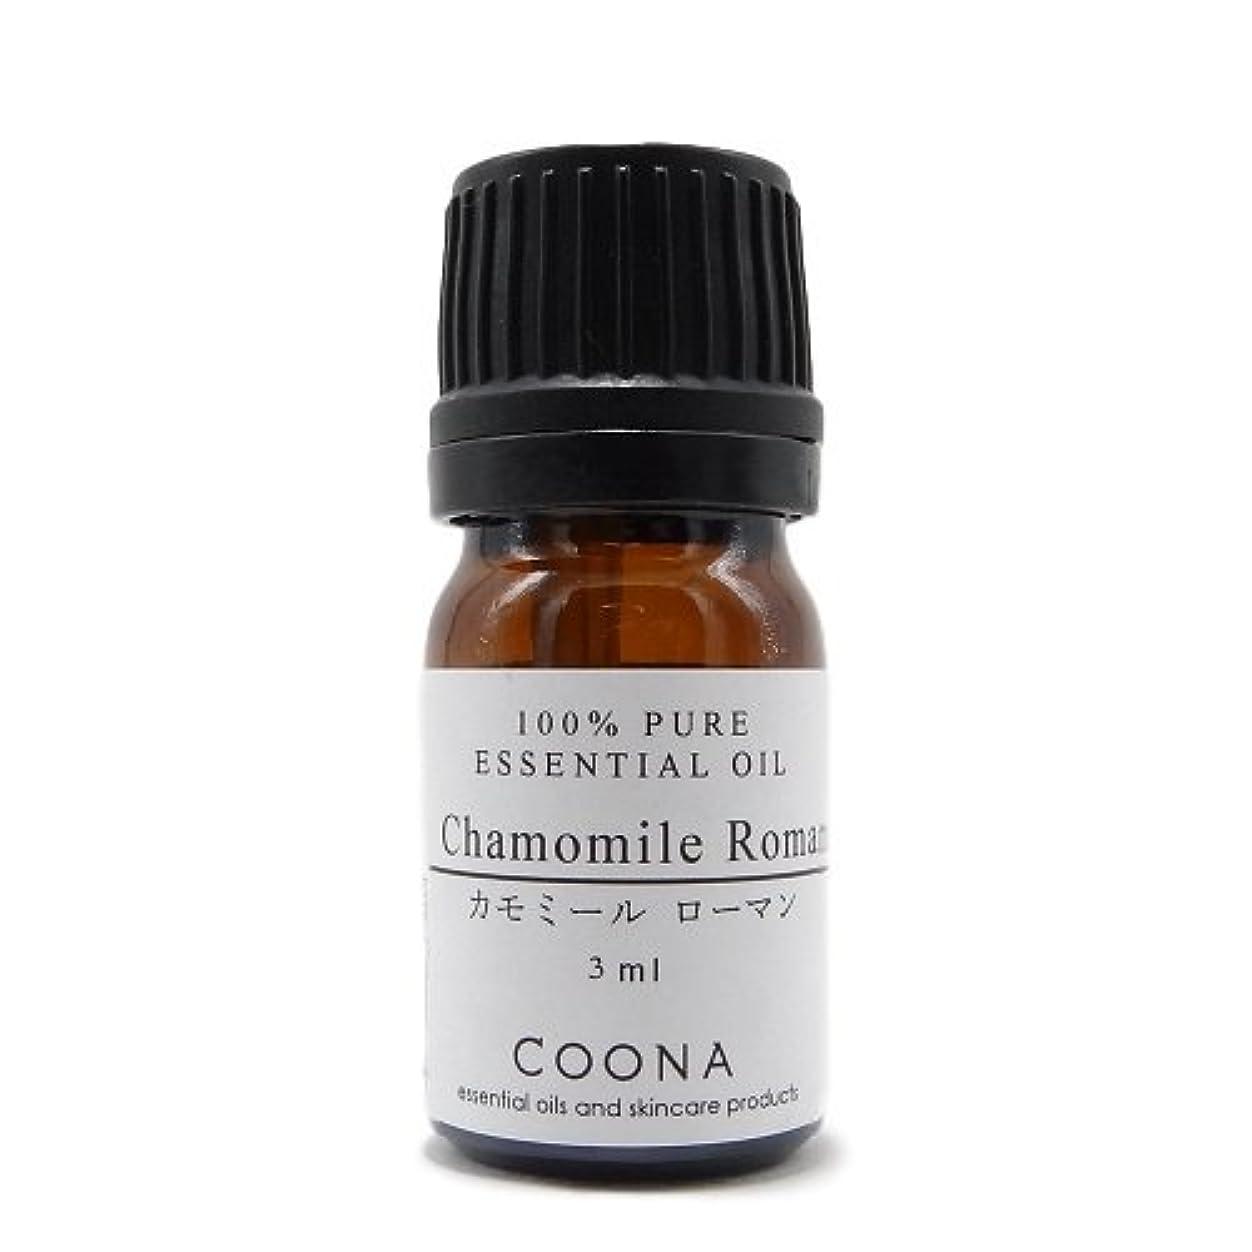 先見の明ステッチメッセージカモミール ローマン 3 ml (COONA エッセンシャルオイル アロマオイル 100%天然植物精油)